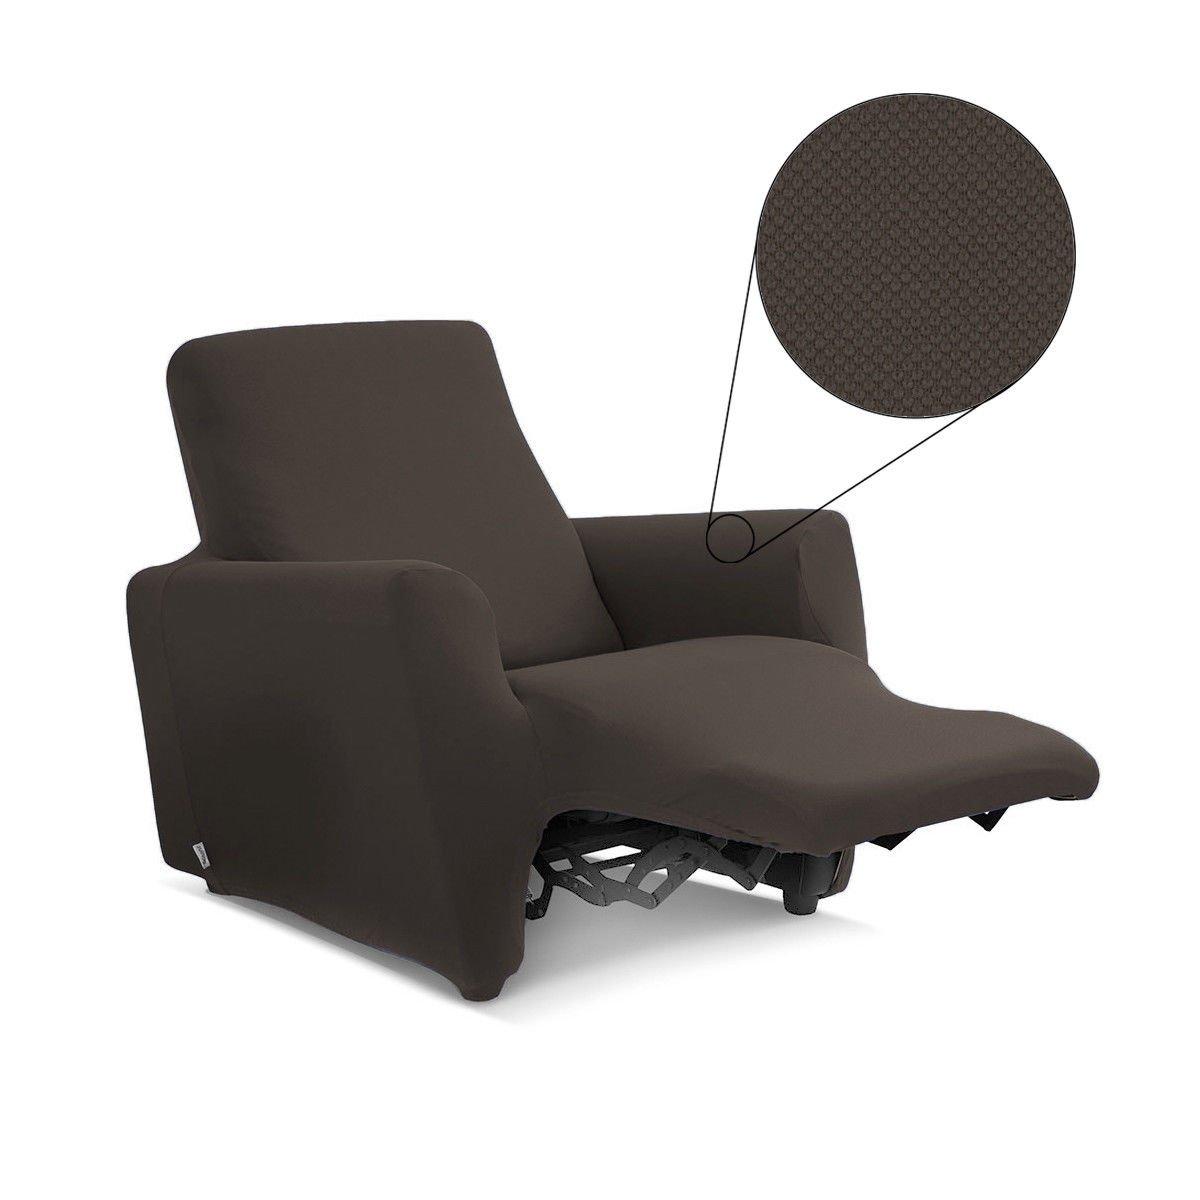 Biancaluna Sillón Lounge para sillones sofás reclinables ...